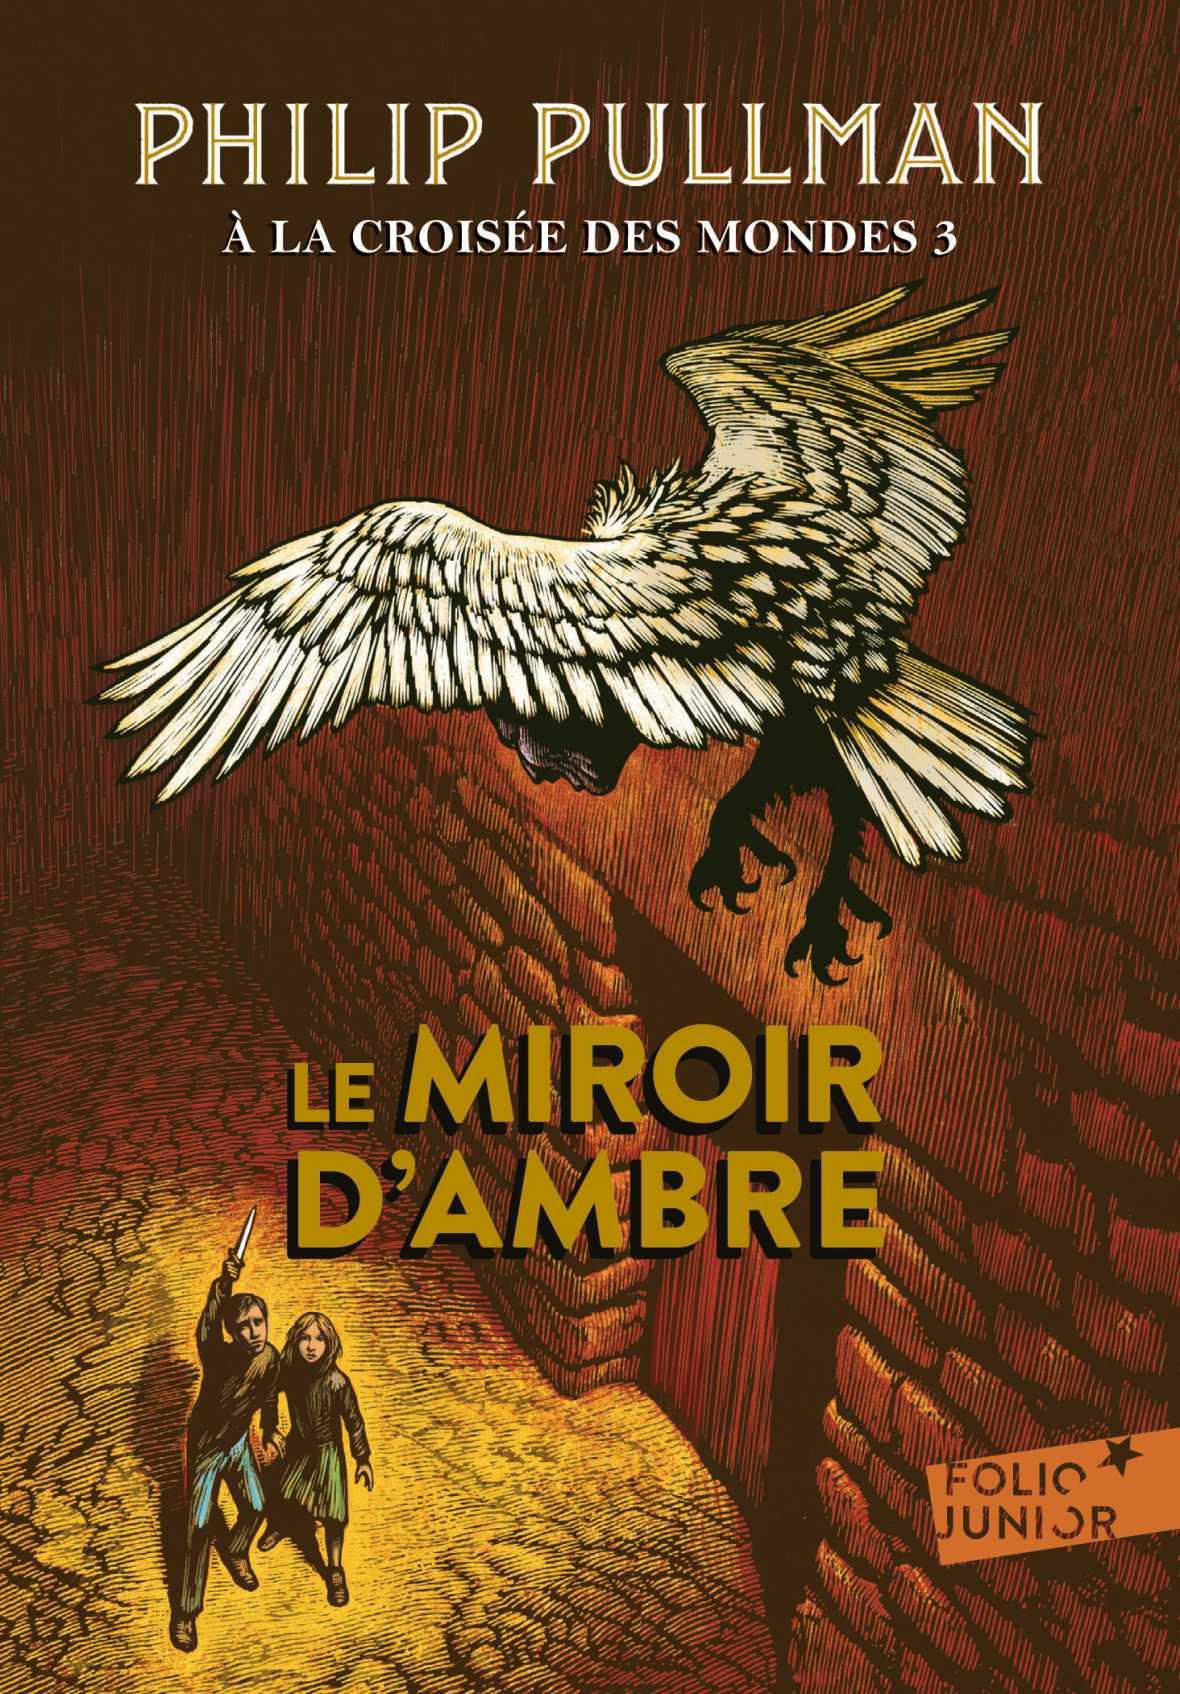 Le Miroir d'ambre, de Philip Pullman (2018)